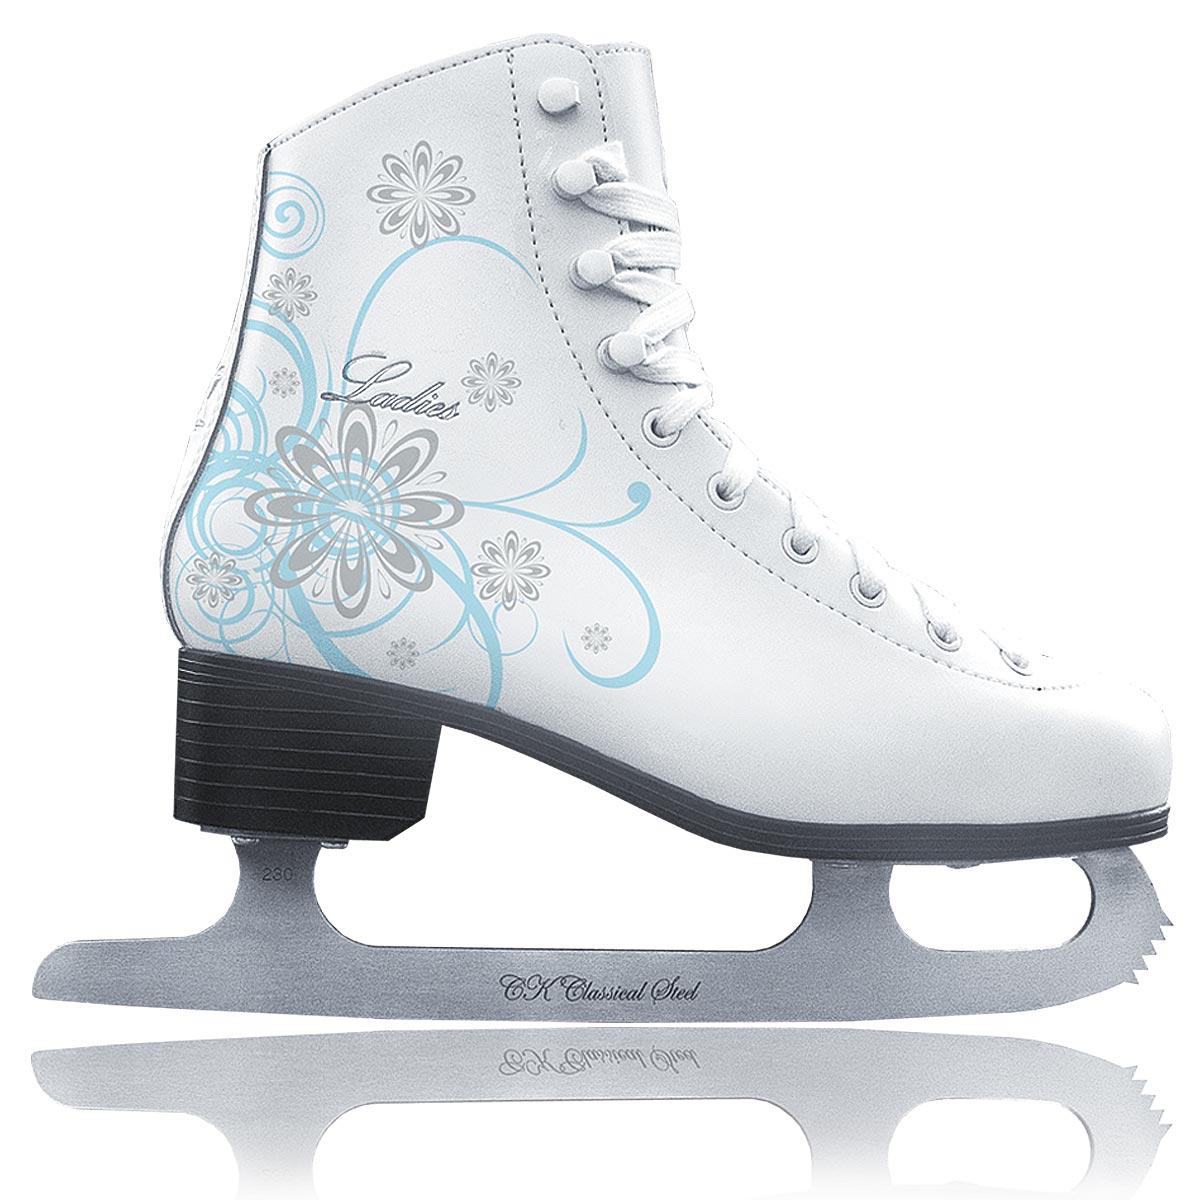 Коньки фигурные для девочки CK Ladies Velvet Classic, цвет: белый, голубой, серебряный. Размер 34